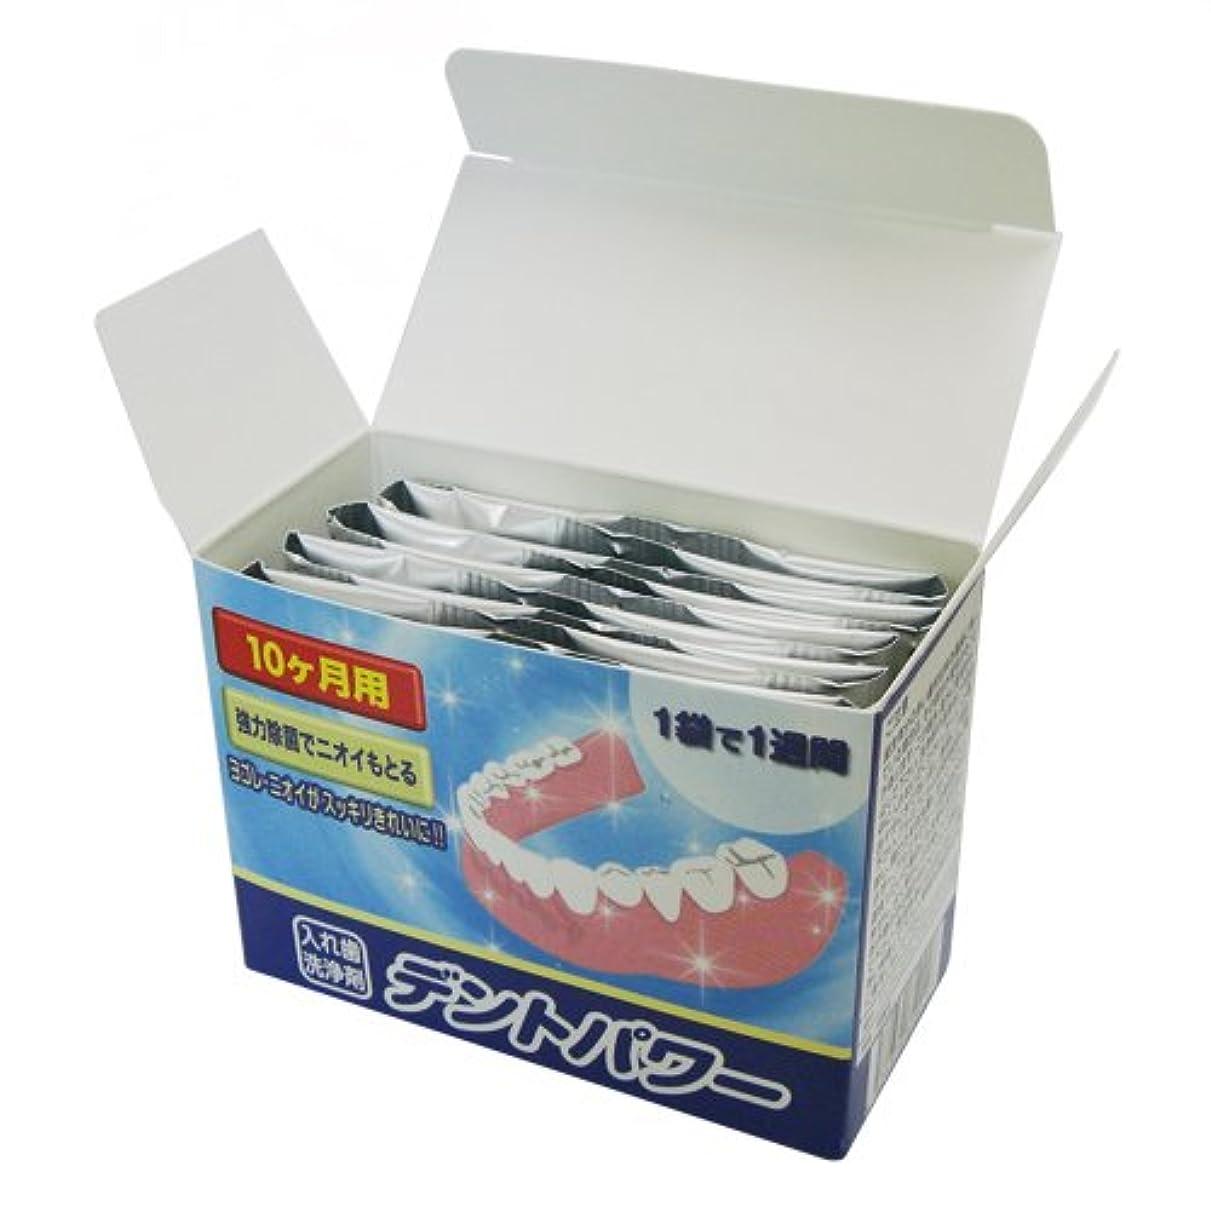 いわゆる配送振る舞いデントパワー 入れ歯洗浄剤 10ヵ月用(専用ケース無し)